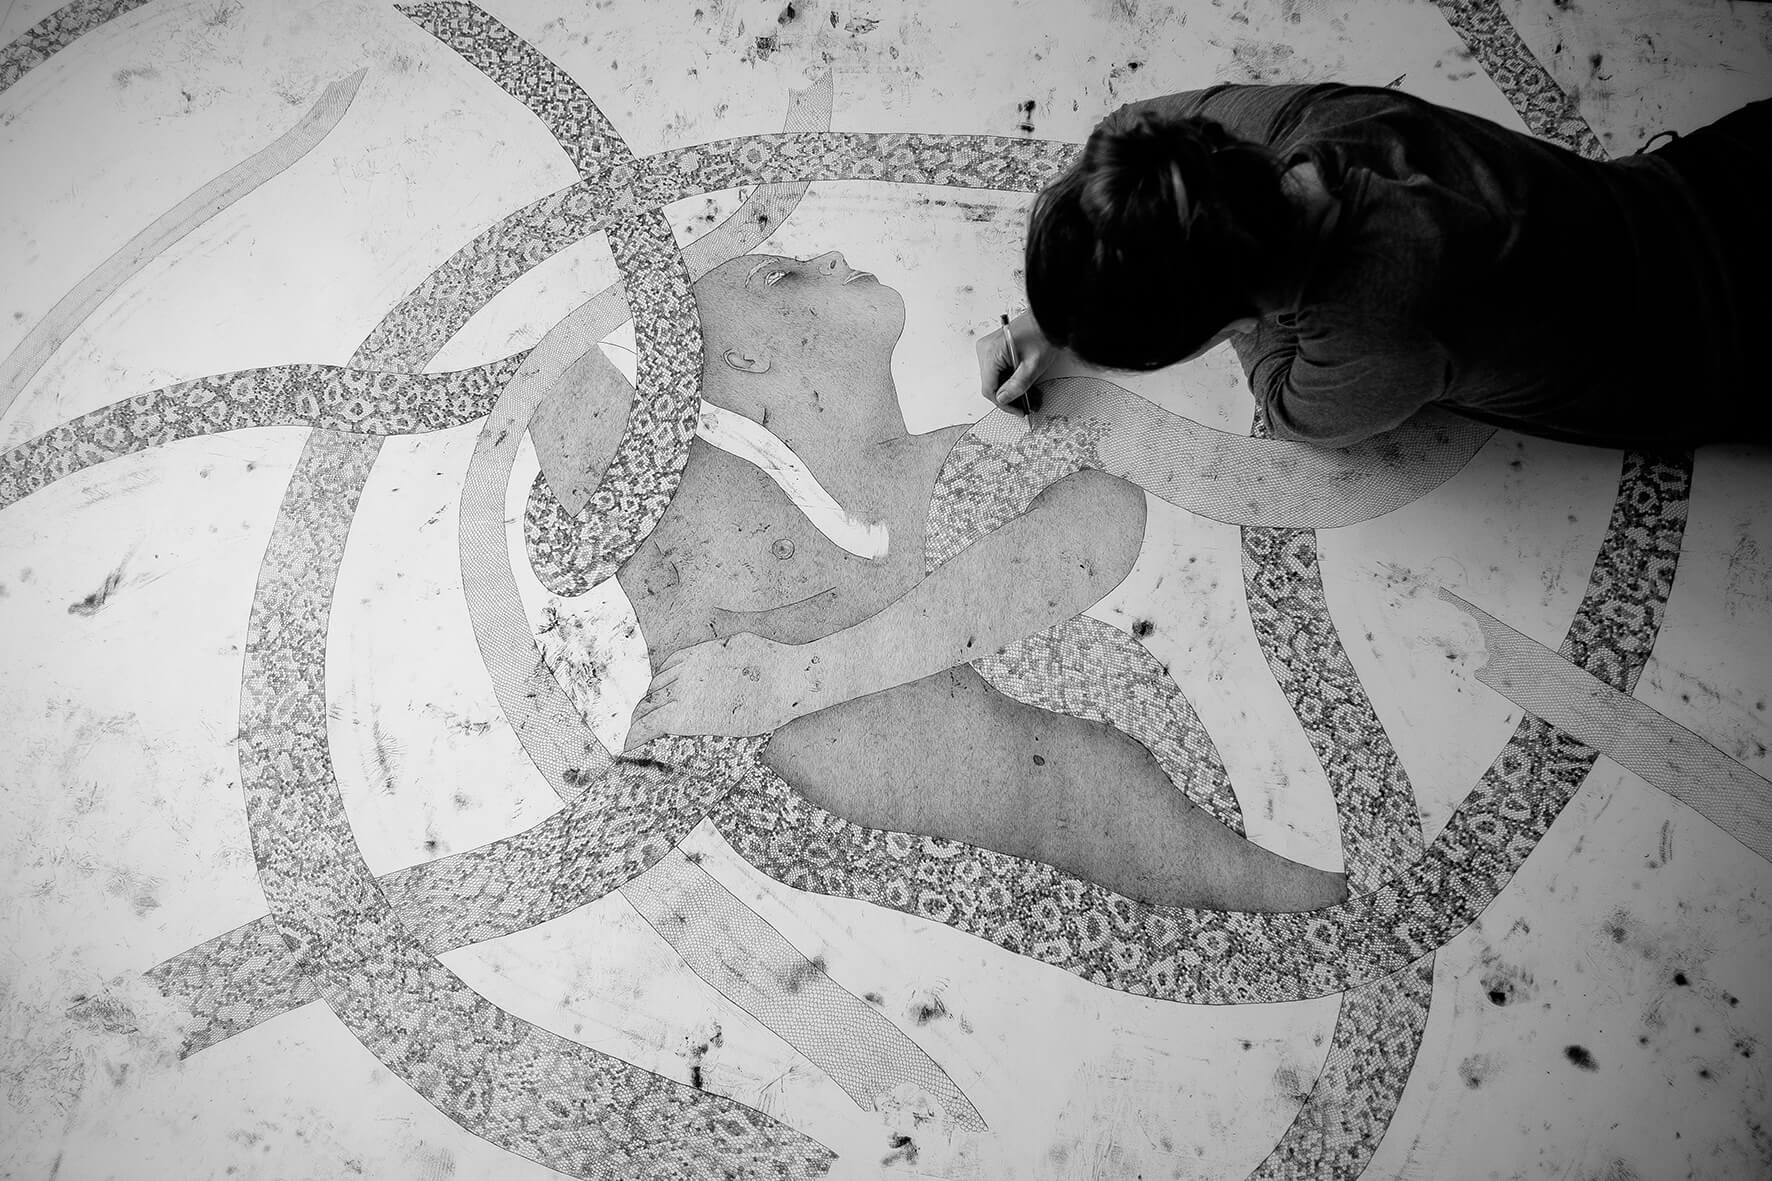 מורן קליגר בתהליך העבודה. צילום: גיא טובול